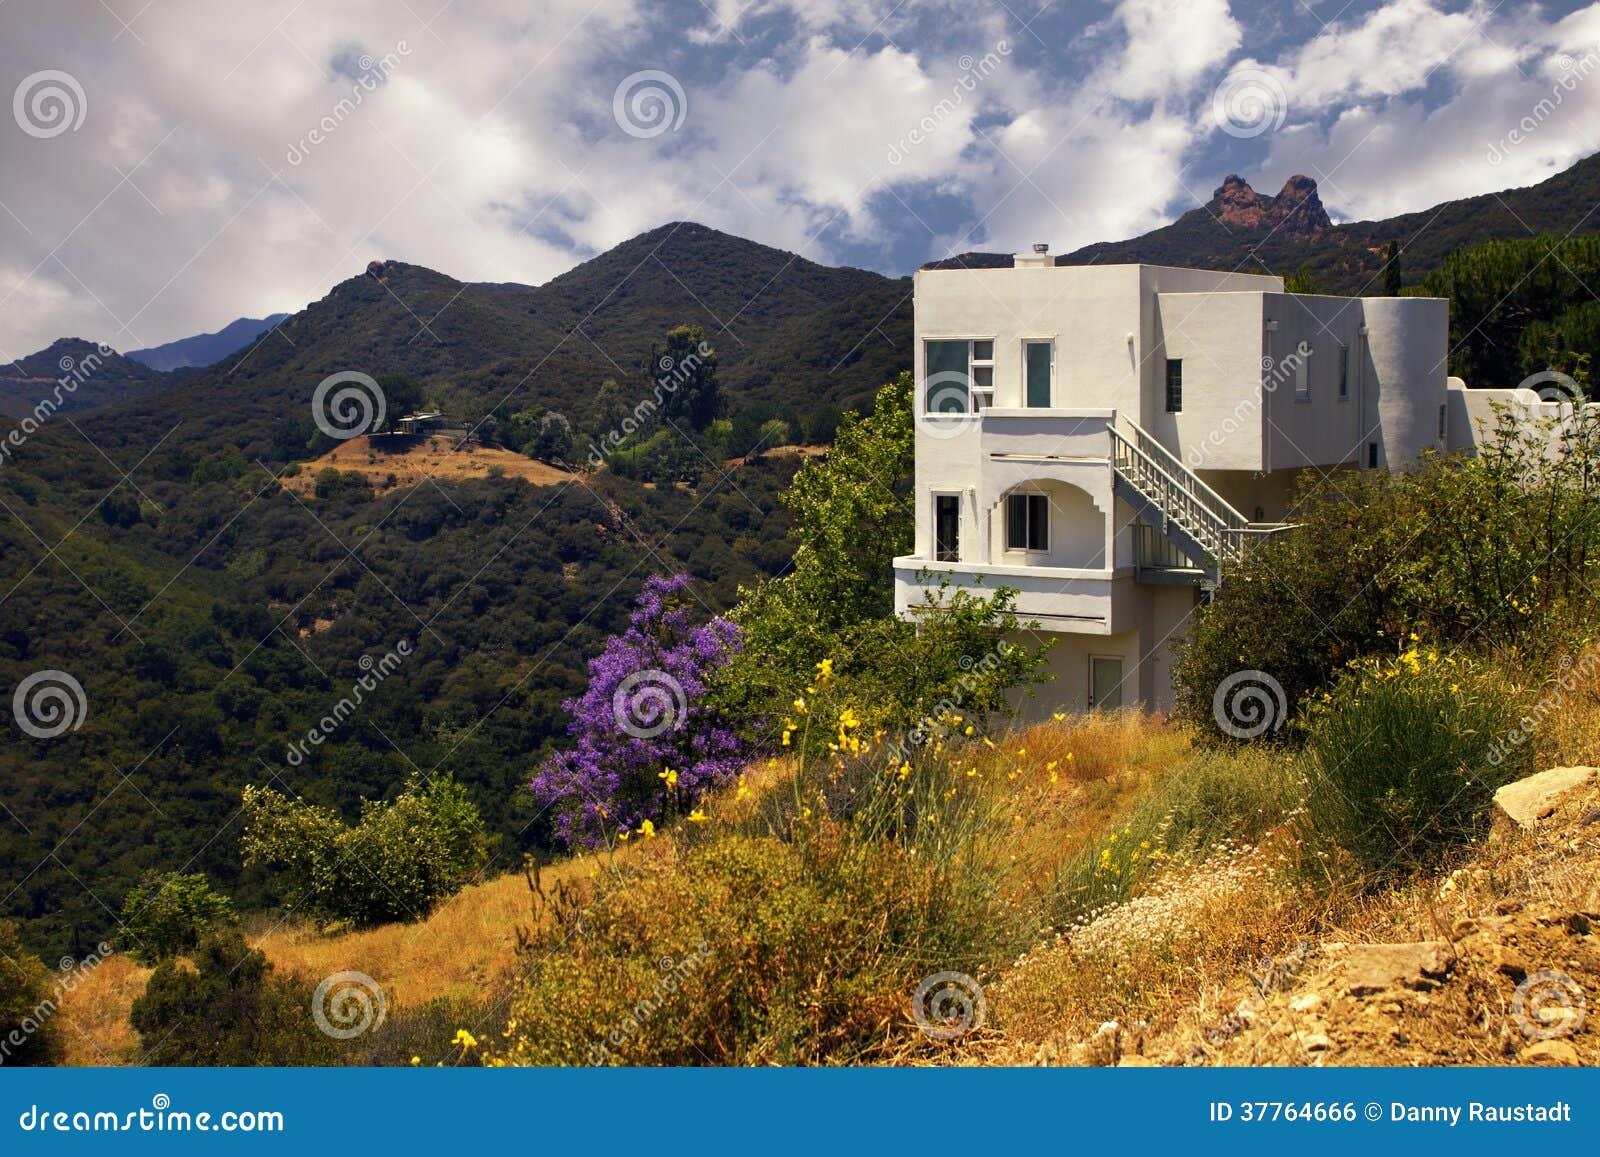 Modernes Kalifornien Traumhaus In Den Bergen Stockfoto